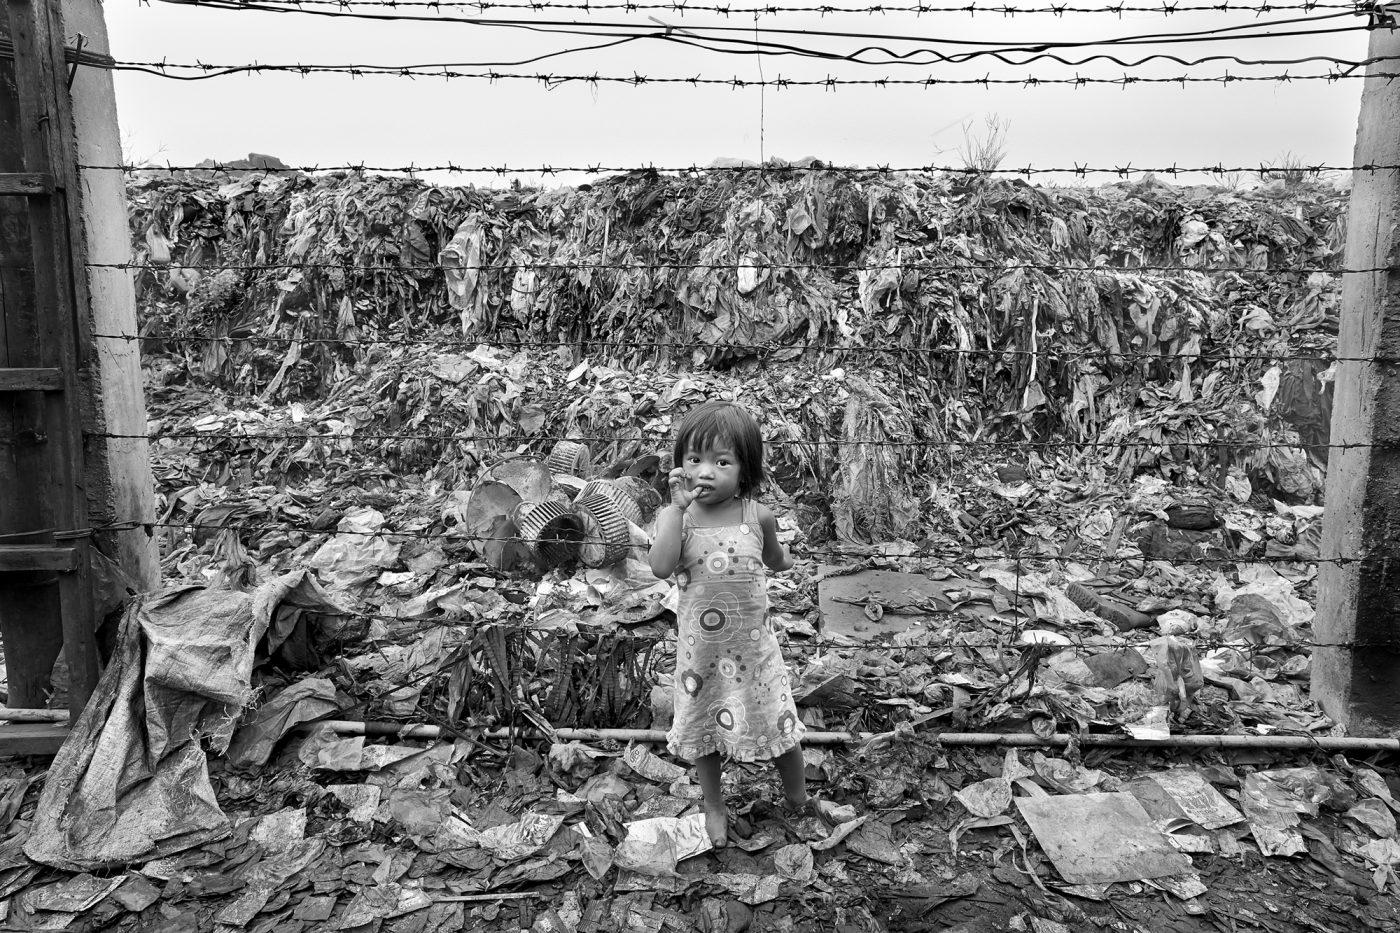 Slums in Manila - Eindrücke des Fotografen Larry Louie